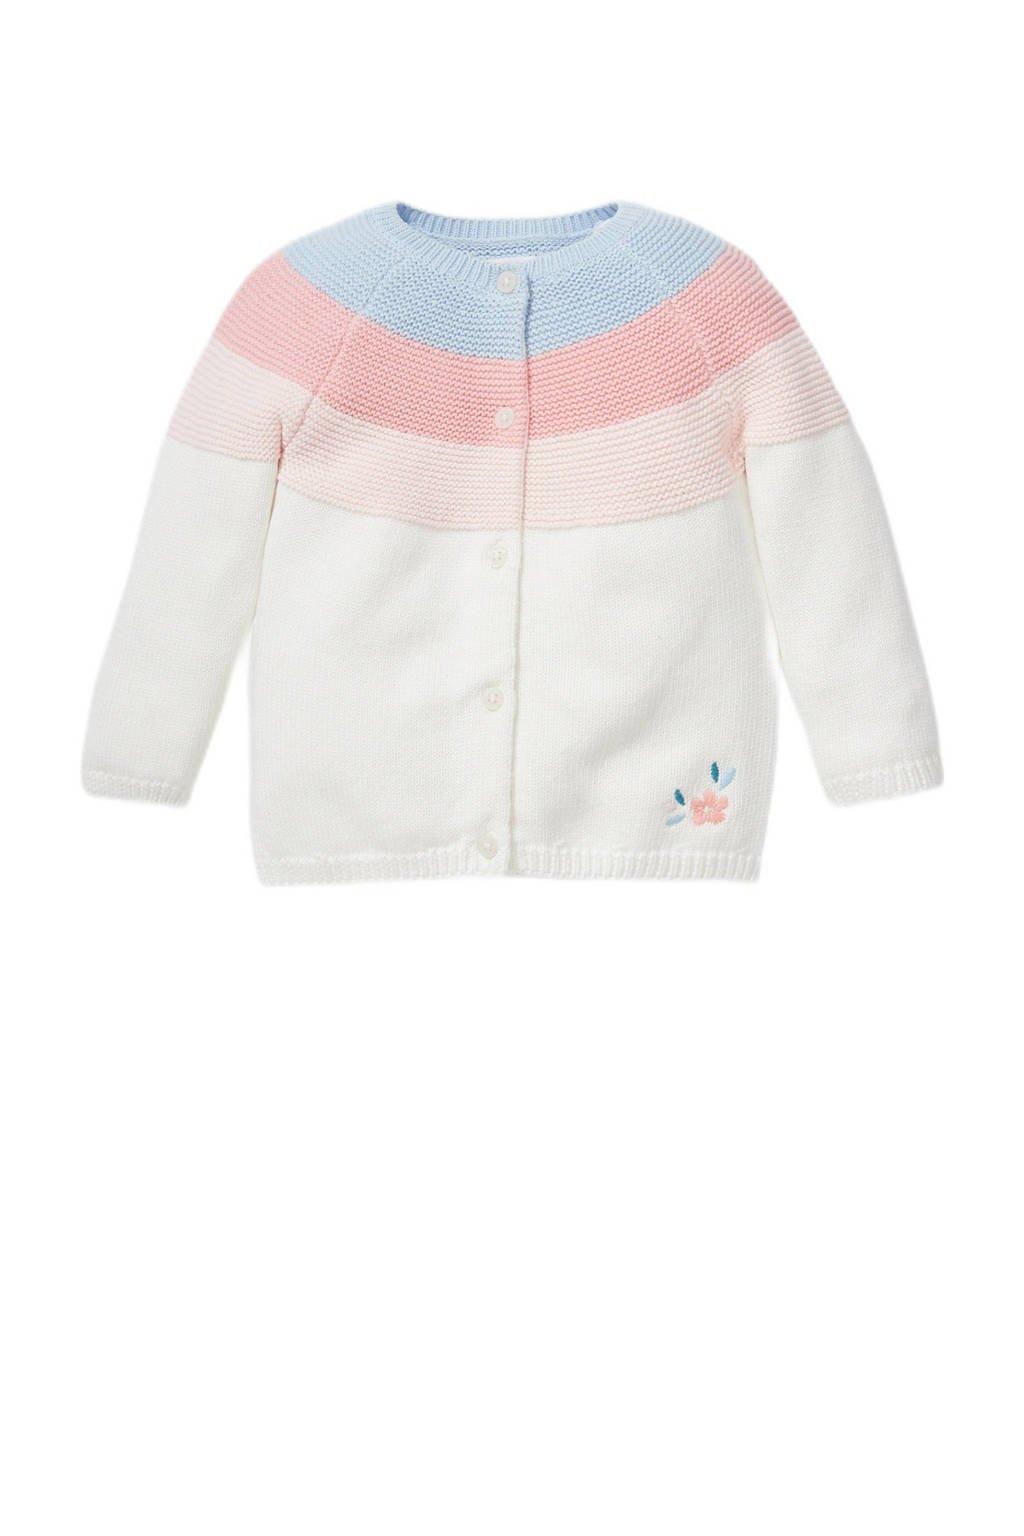 C&A Baby Club gebreid vest ecru/roze/blauw, Ecru/roze/blauw